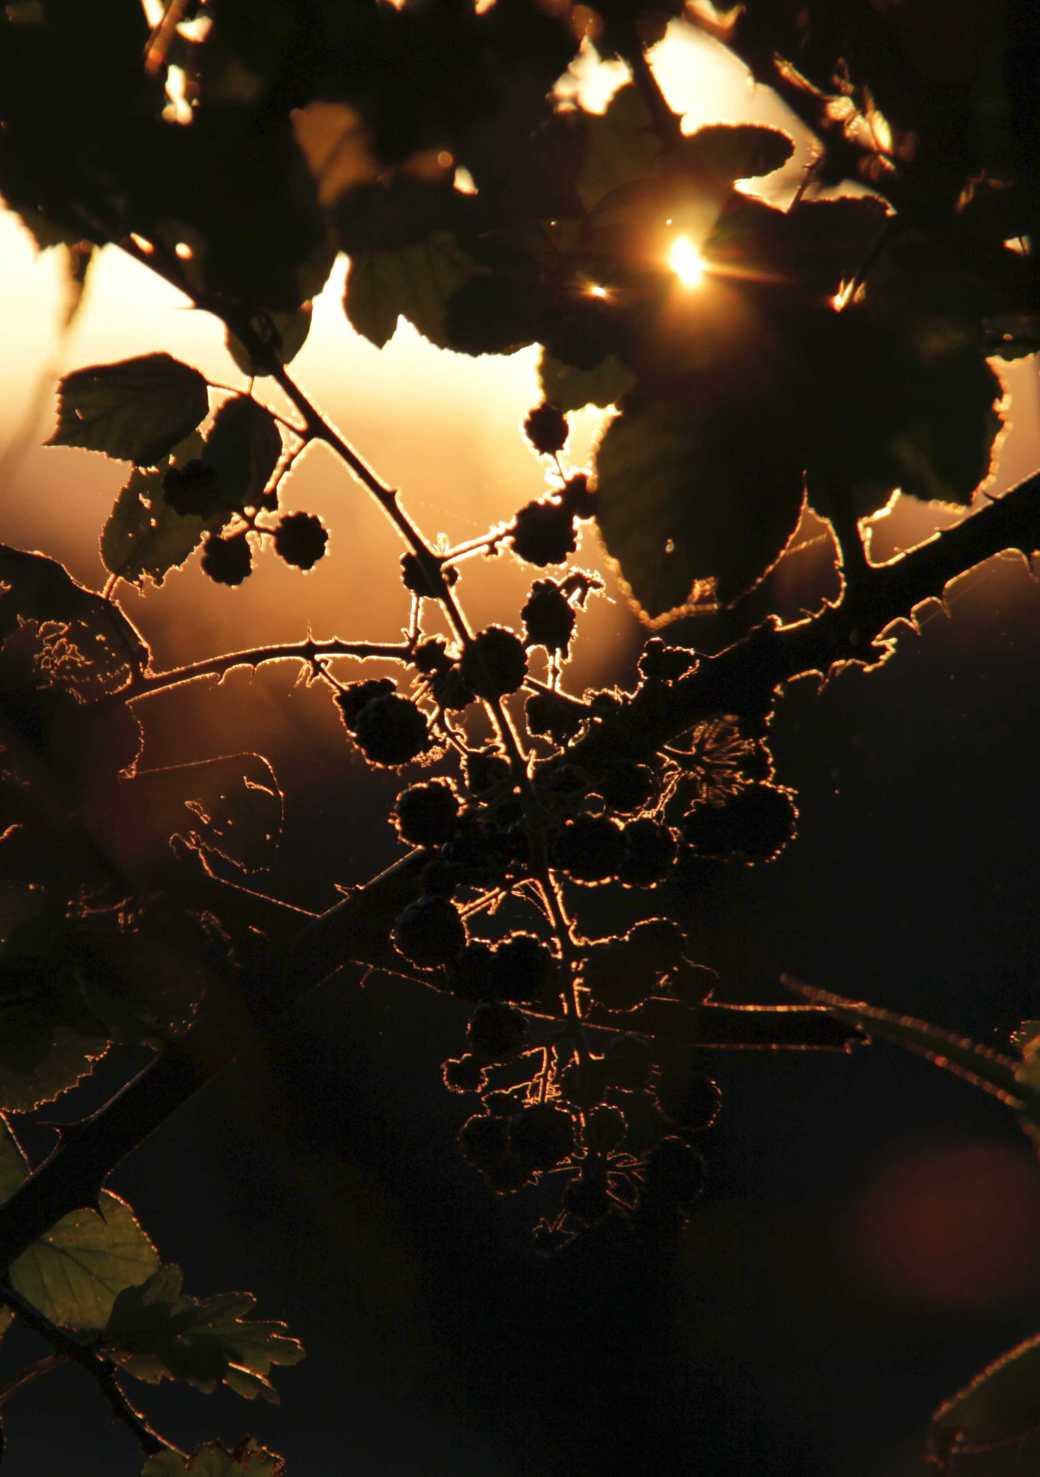 sunlight backlit